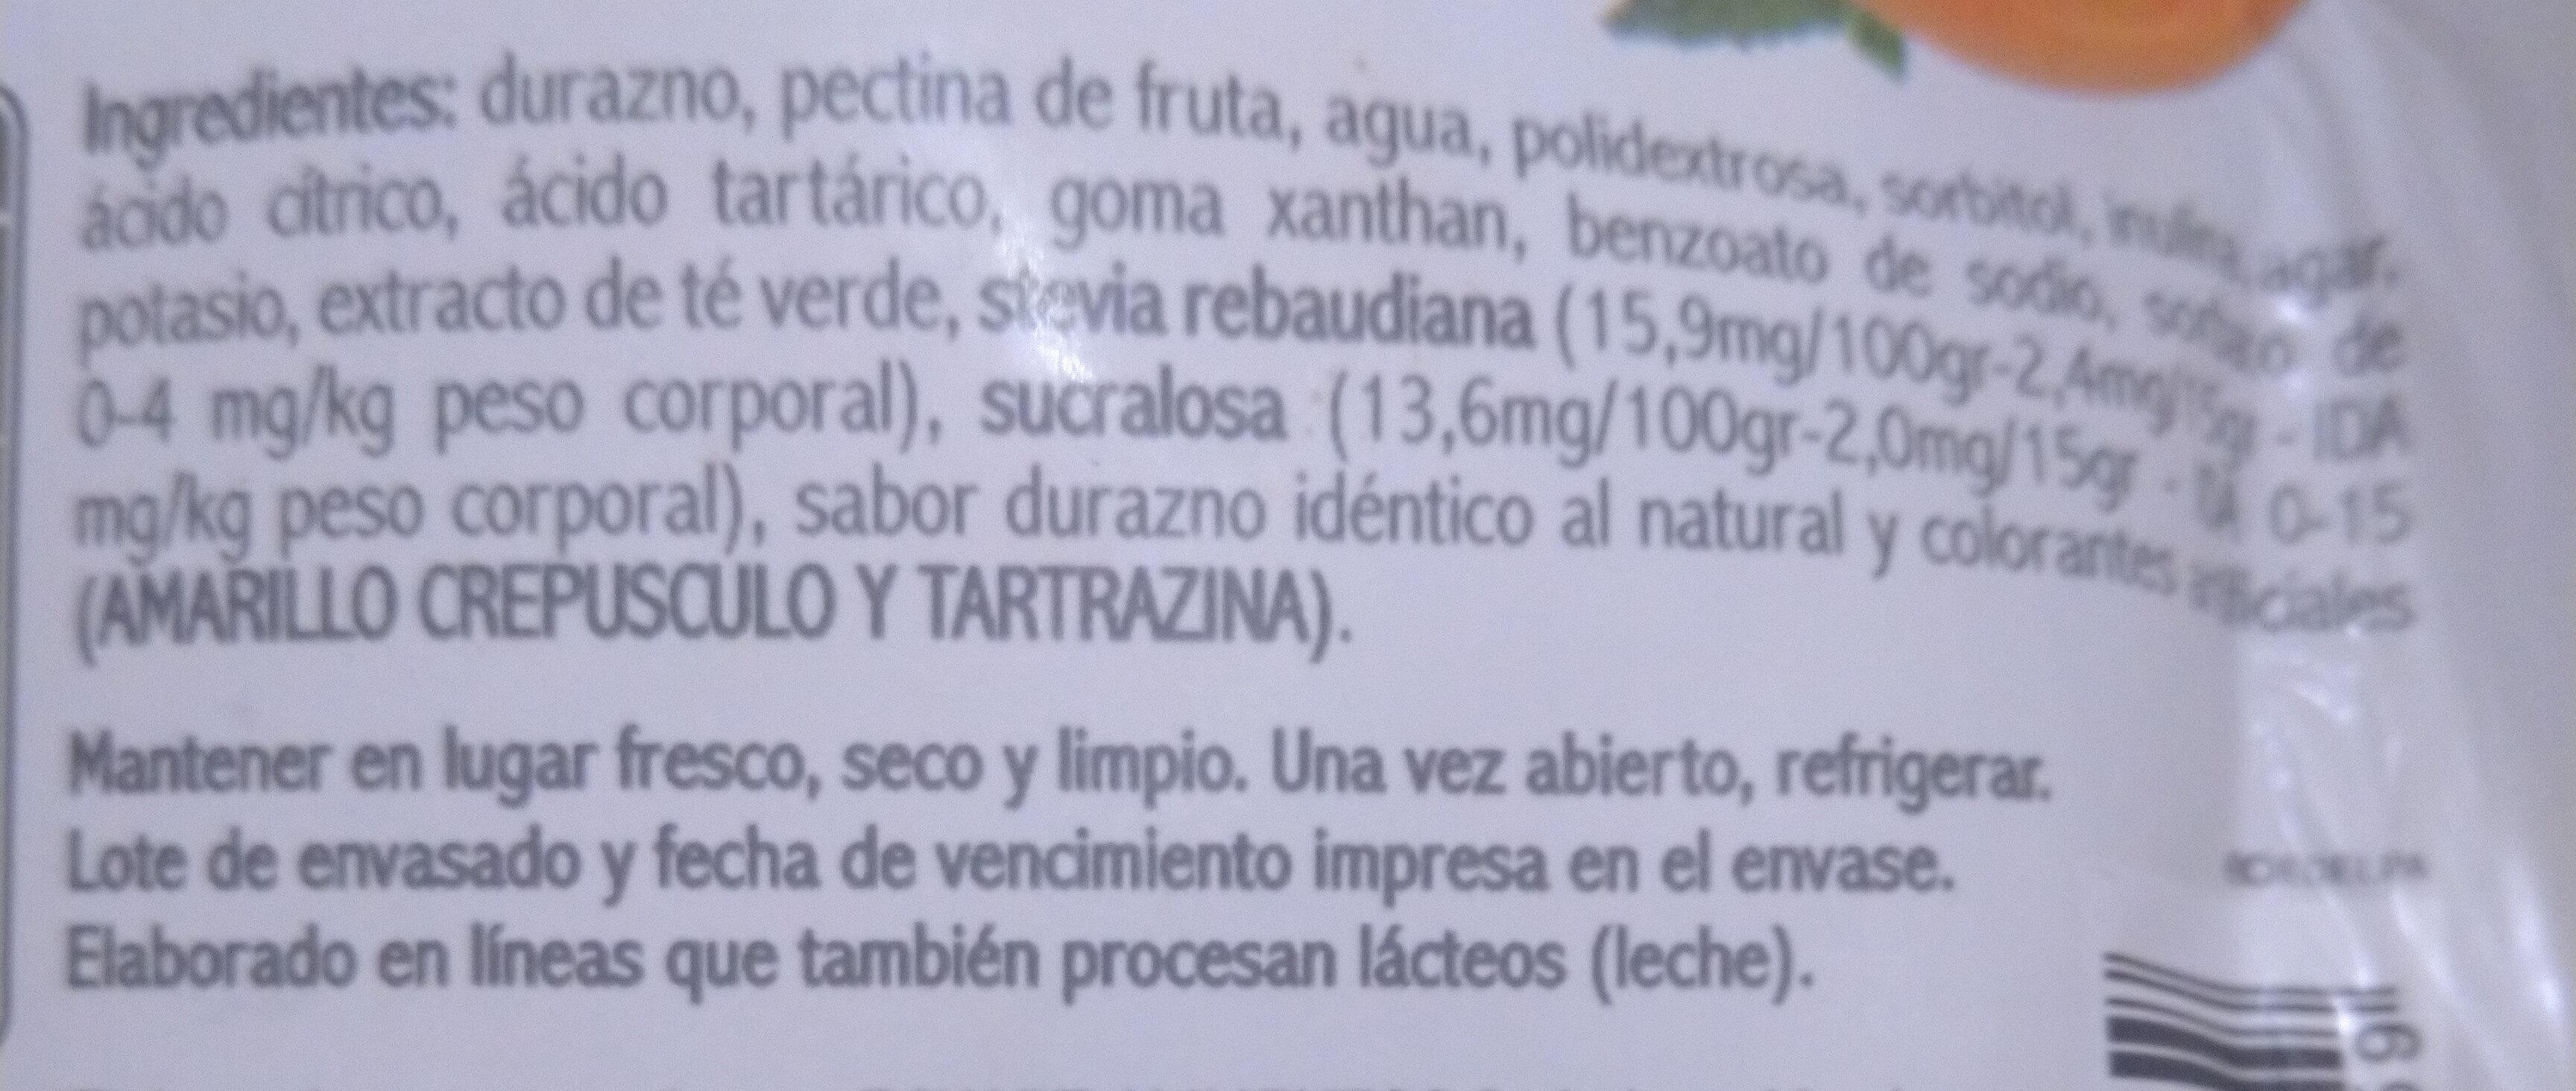 Mermelada de Frutilla En Línea - Ingredients - es